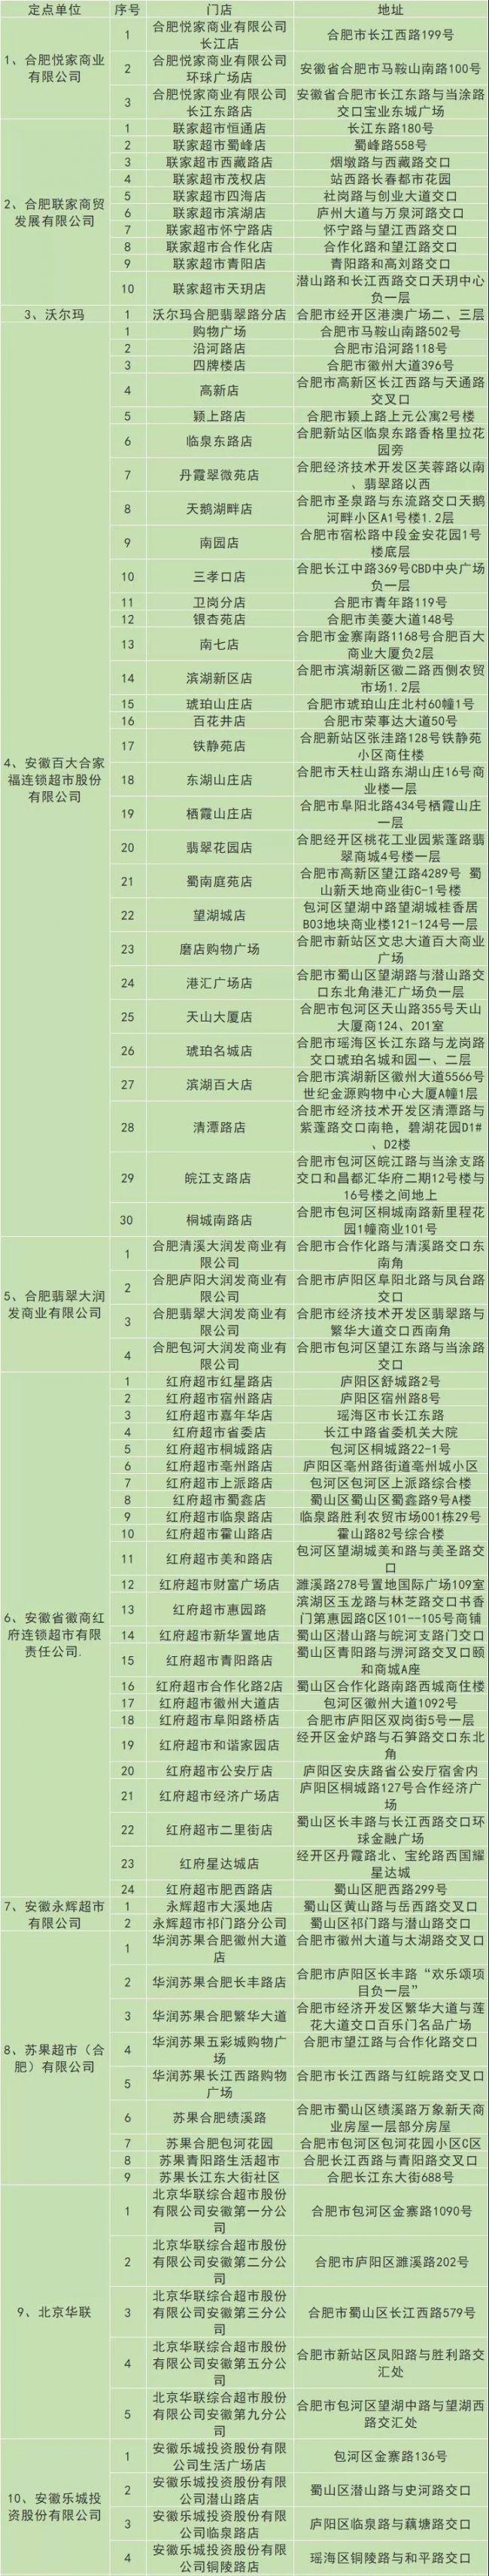 2018合肥中秋国庆惠民菜篮子活动(附各菜市场地址)